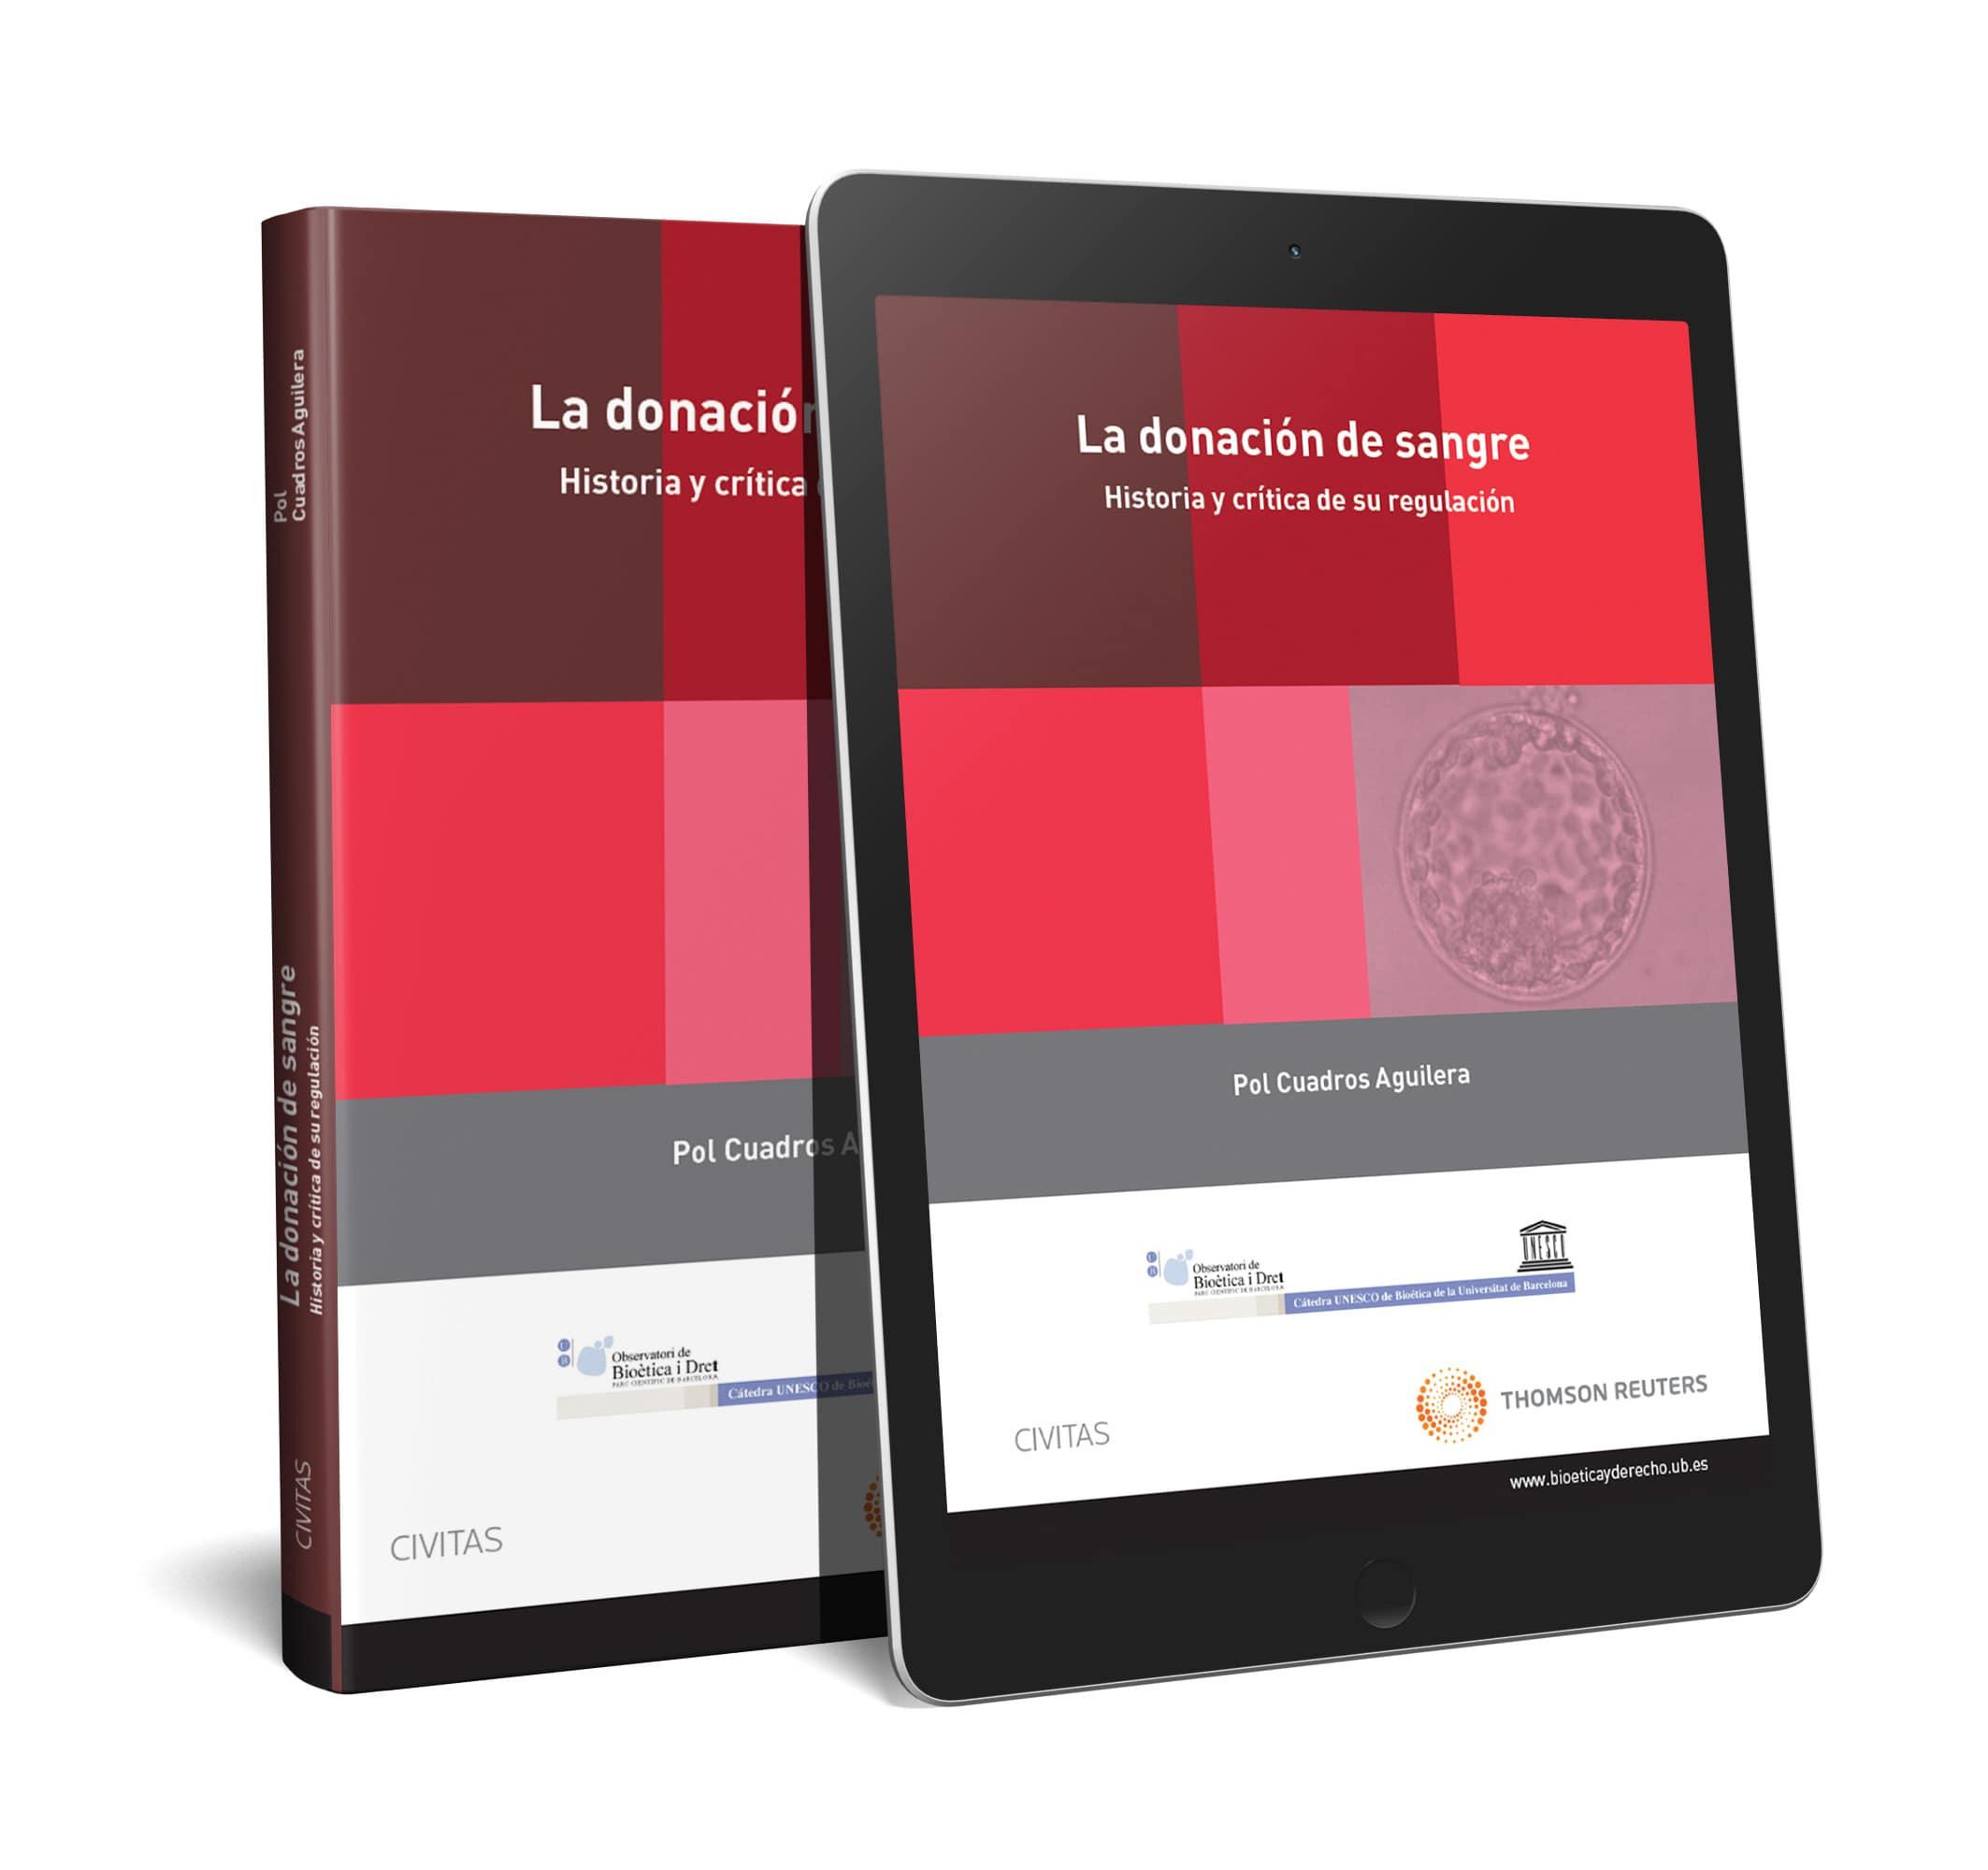 La donación de sangre. Historia y crítica de su regulación (Papel + e-book)